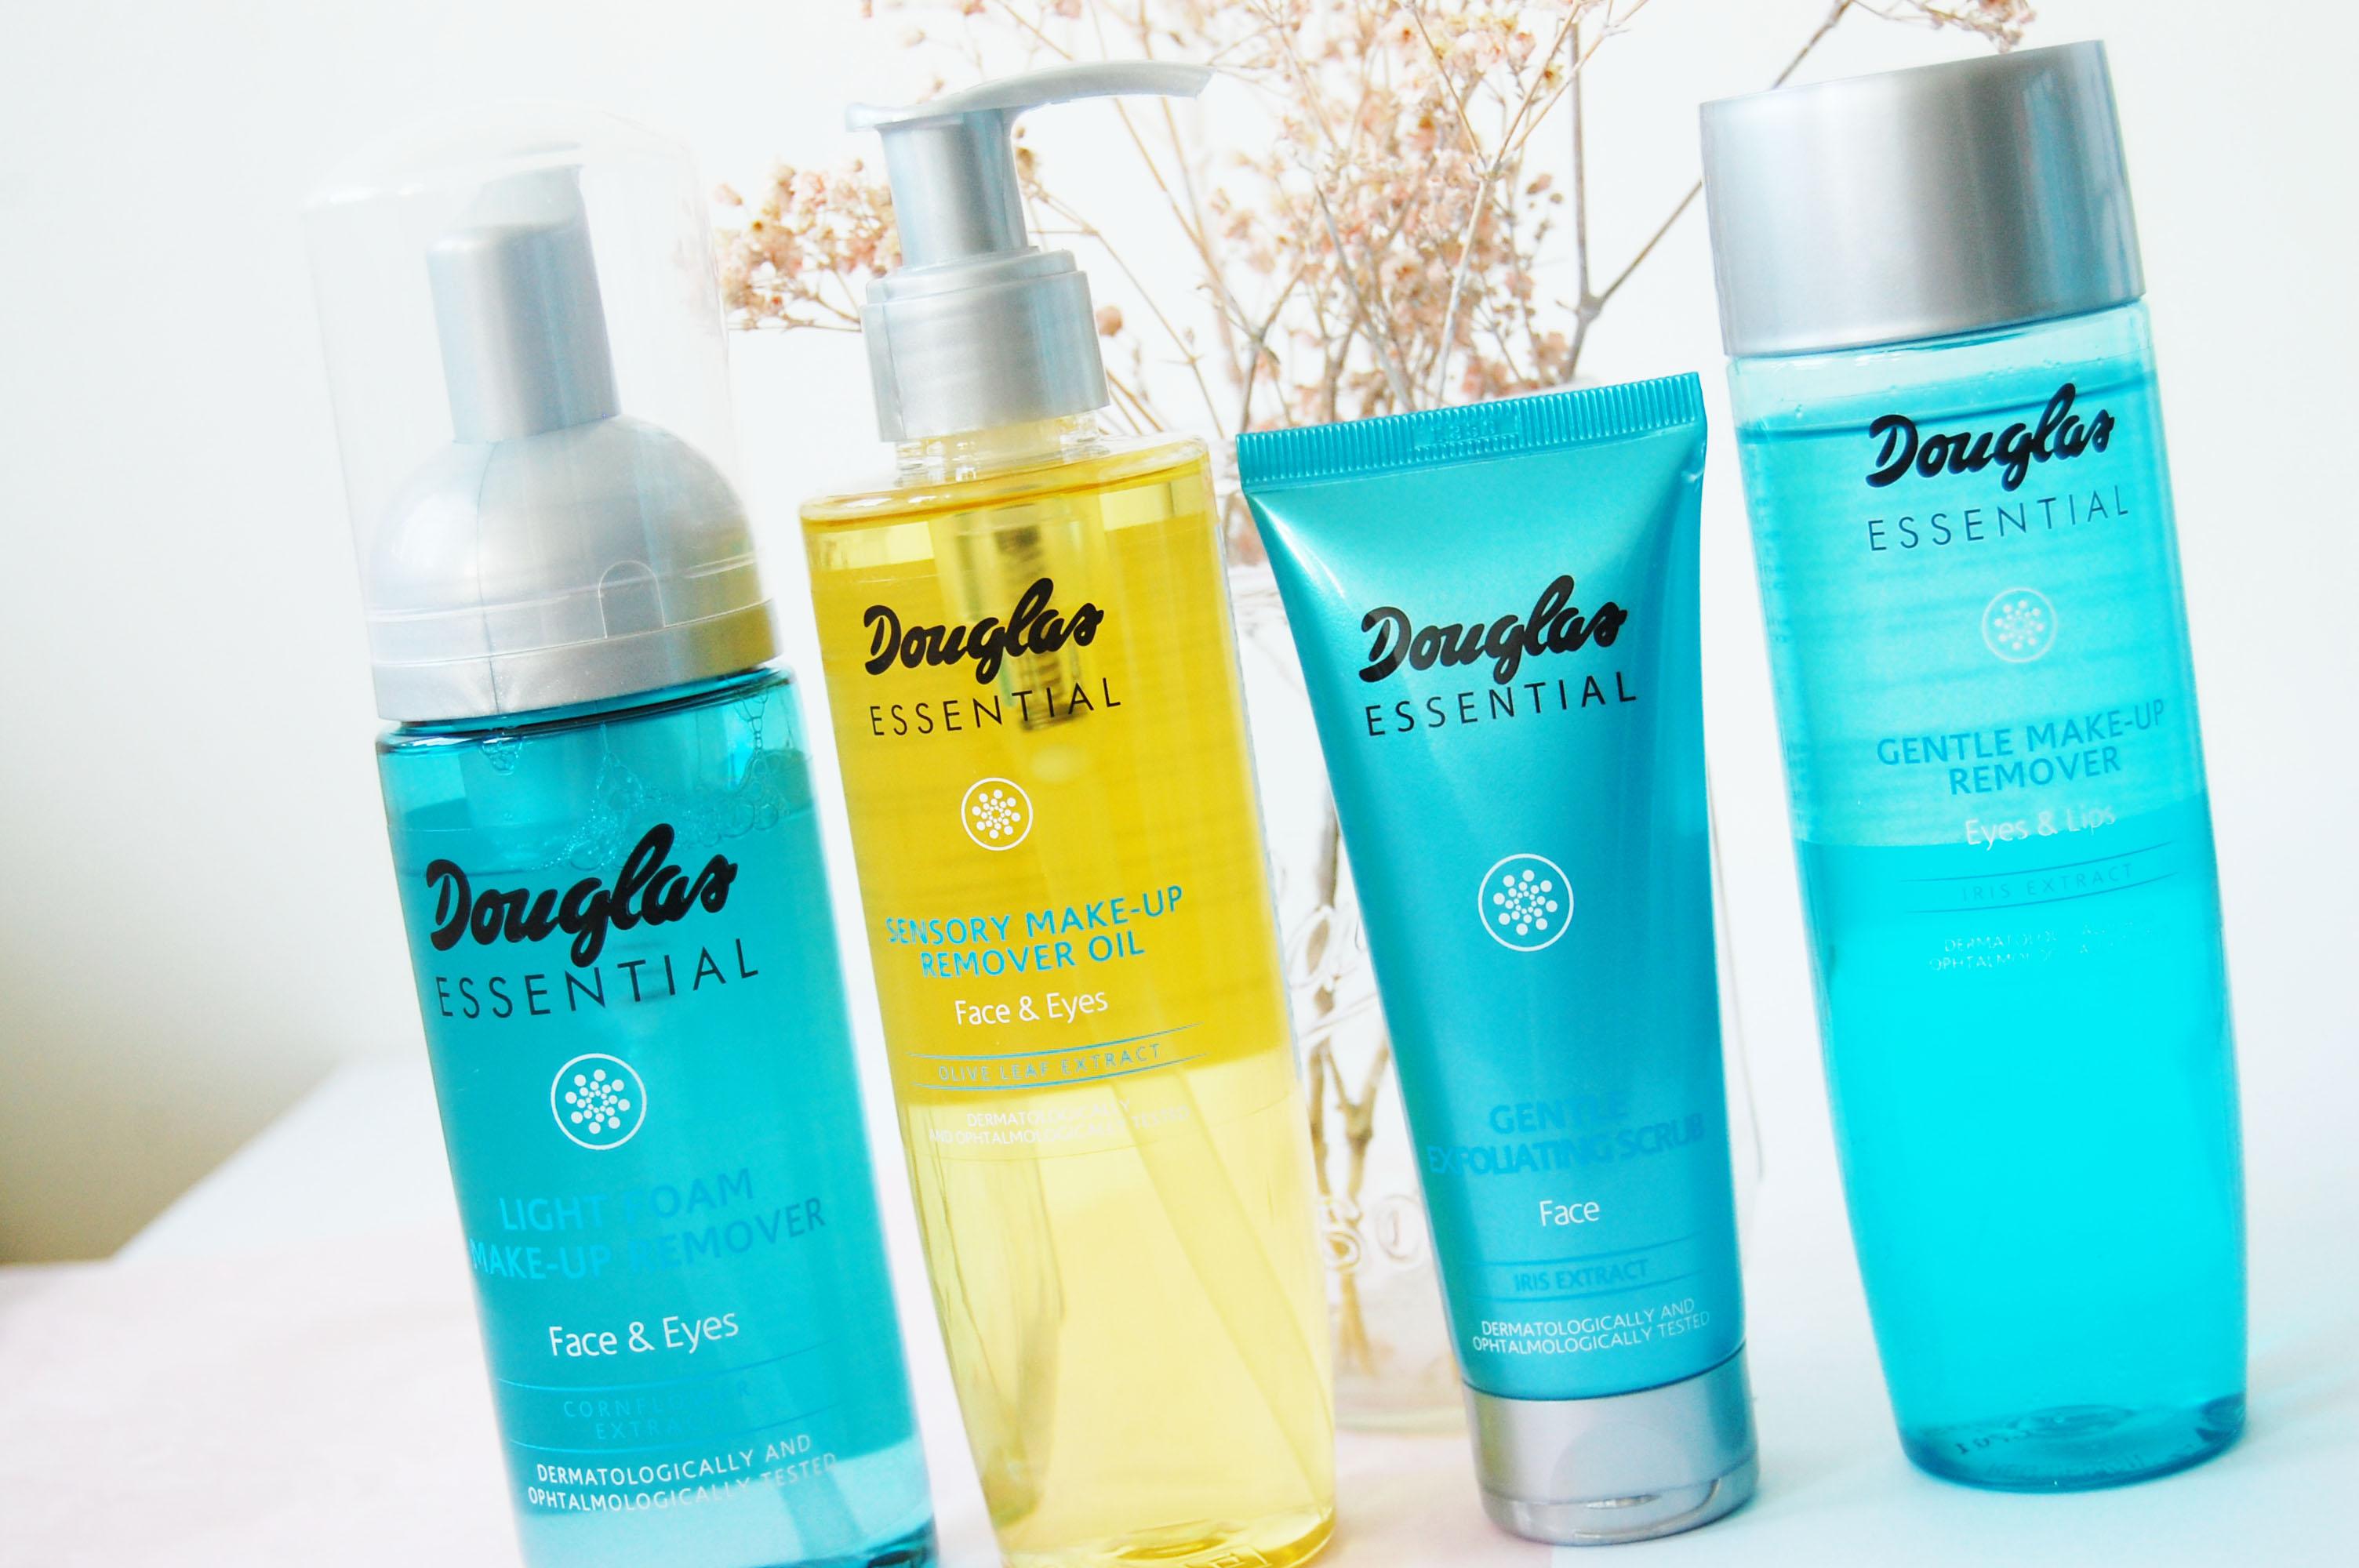 Douglas Essential gezichtsreiniging